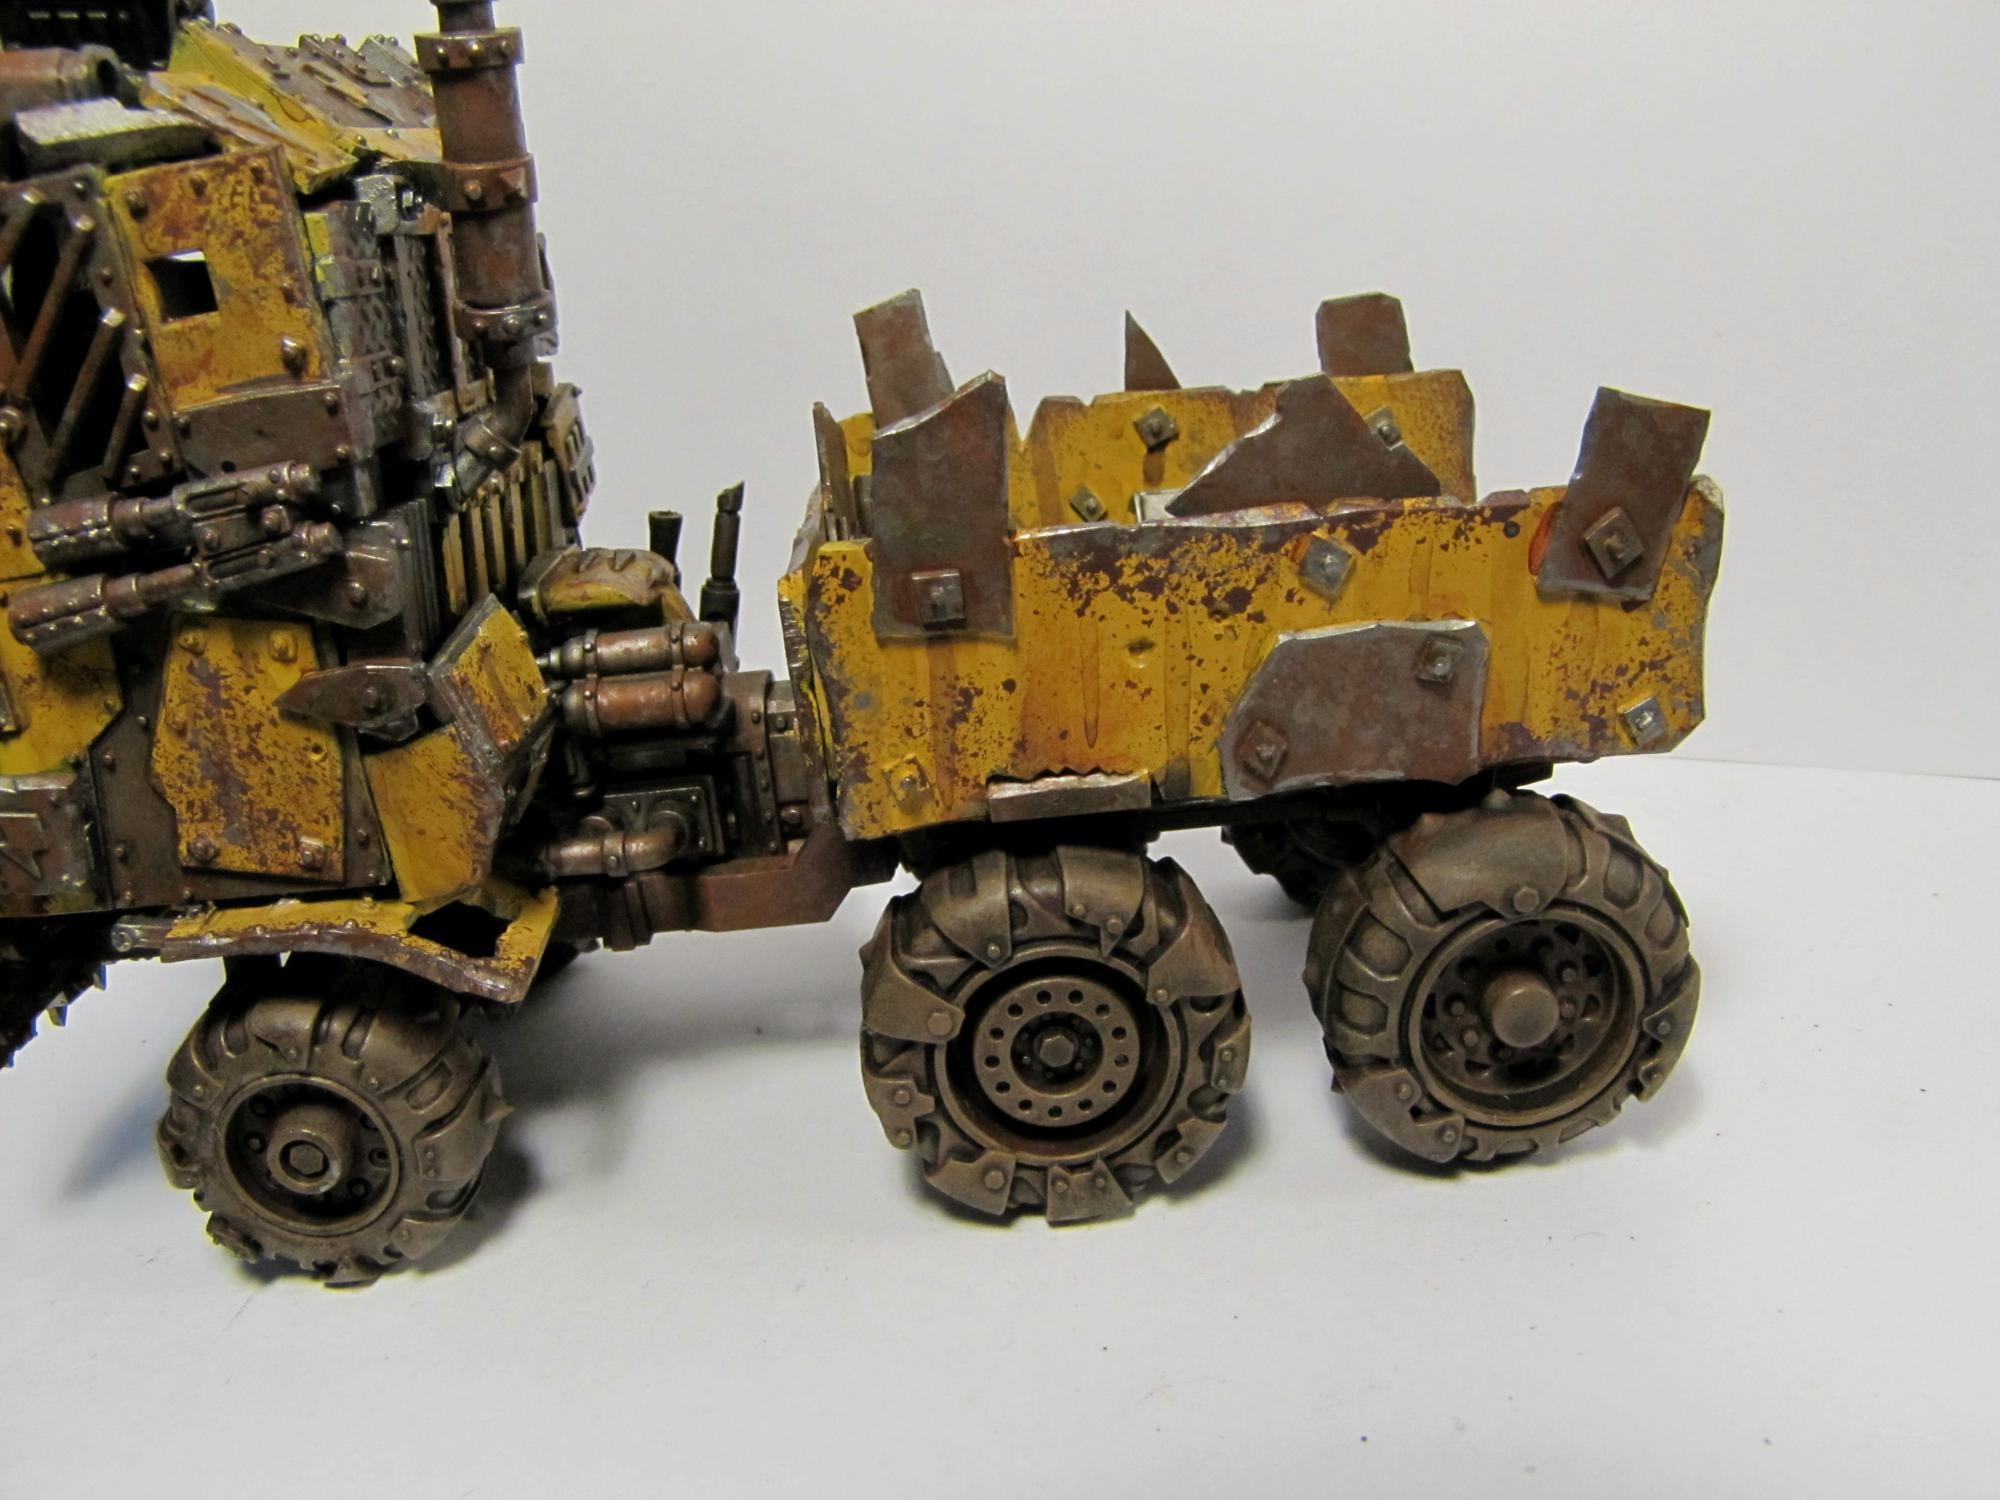 Bad Moonz, Dirt, Dirty, Orks, Orktimus Prime, Ramshackle, Rust, Rusty, Sponge Weathering, Trukk, Weathered, Yellow